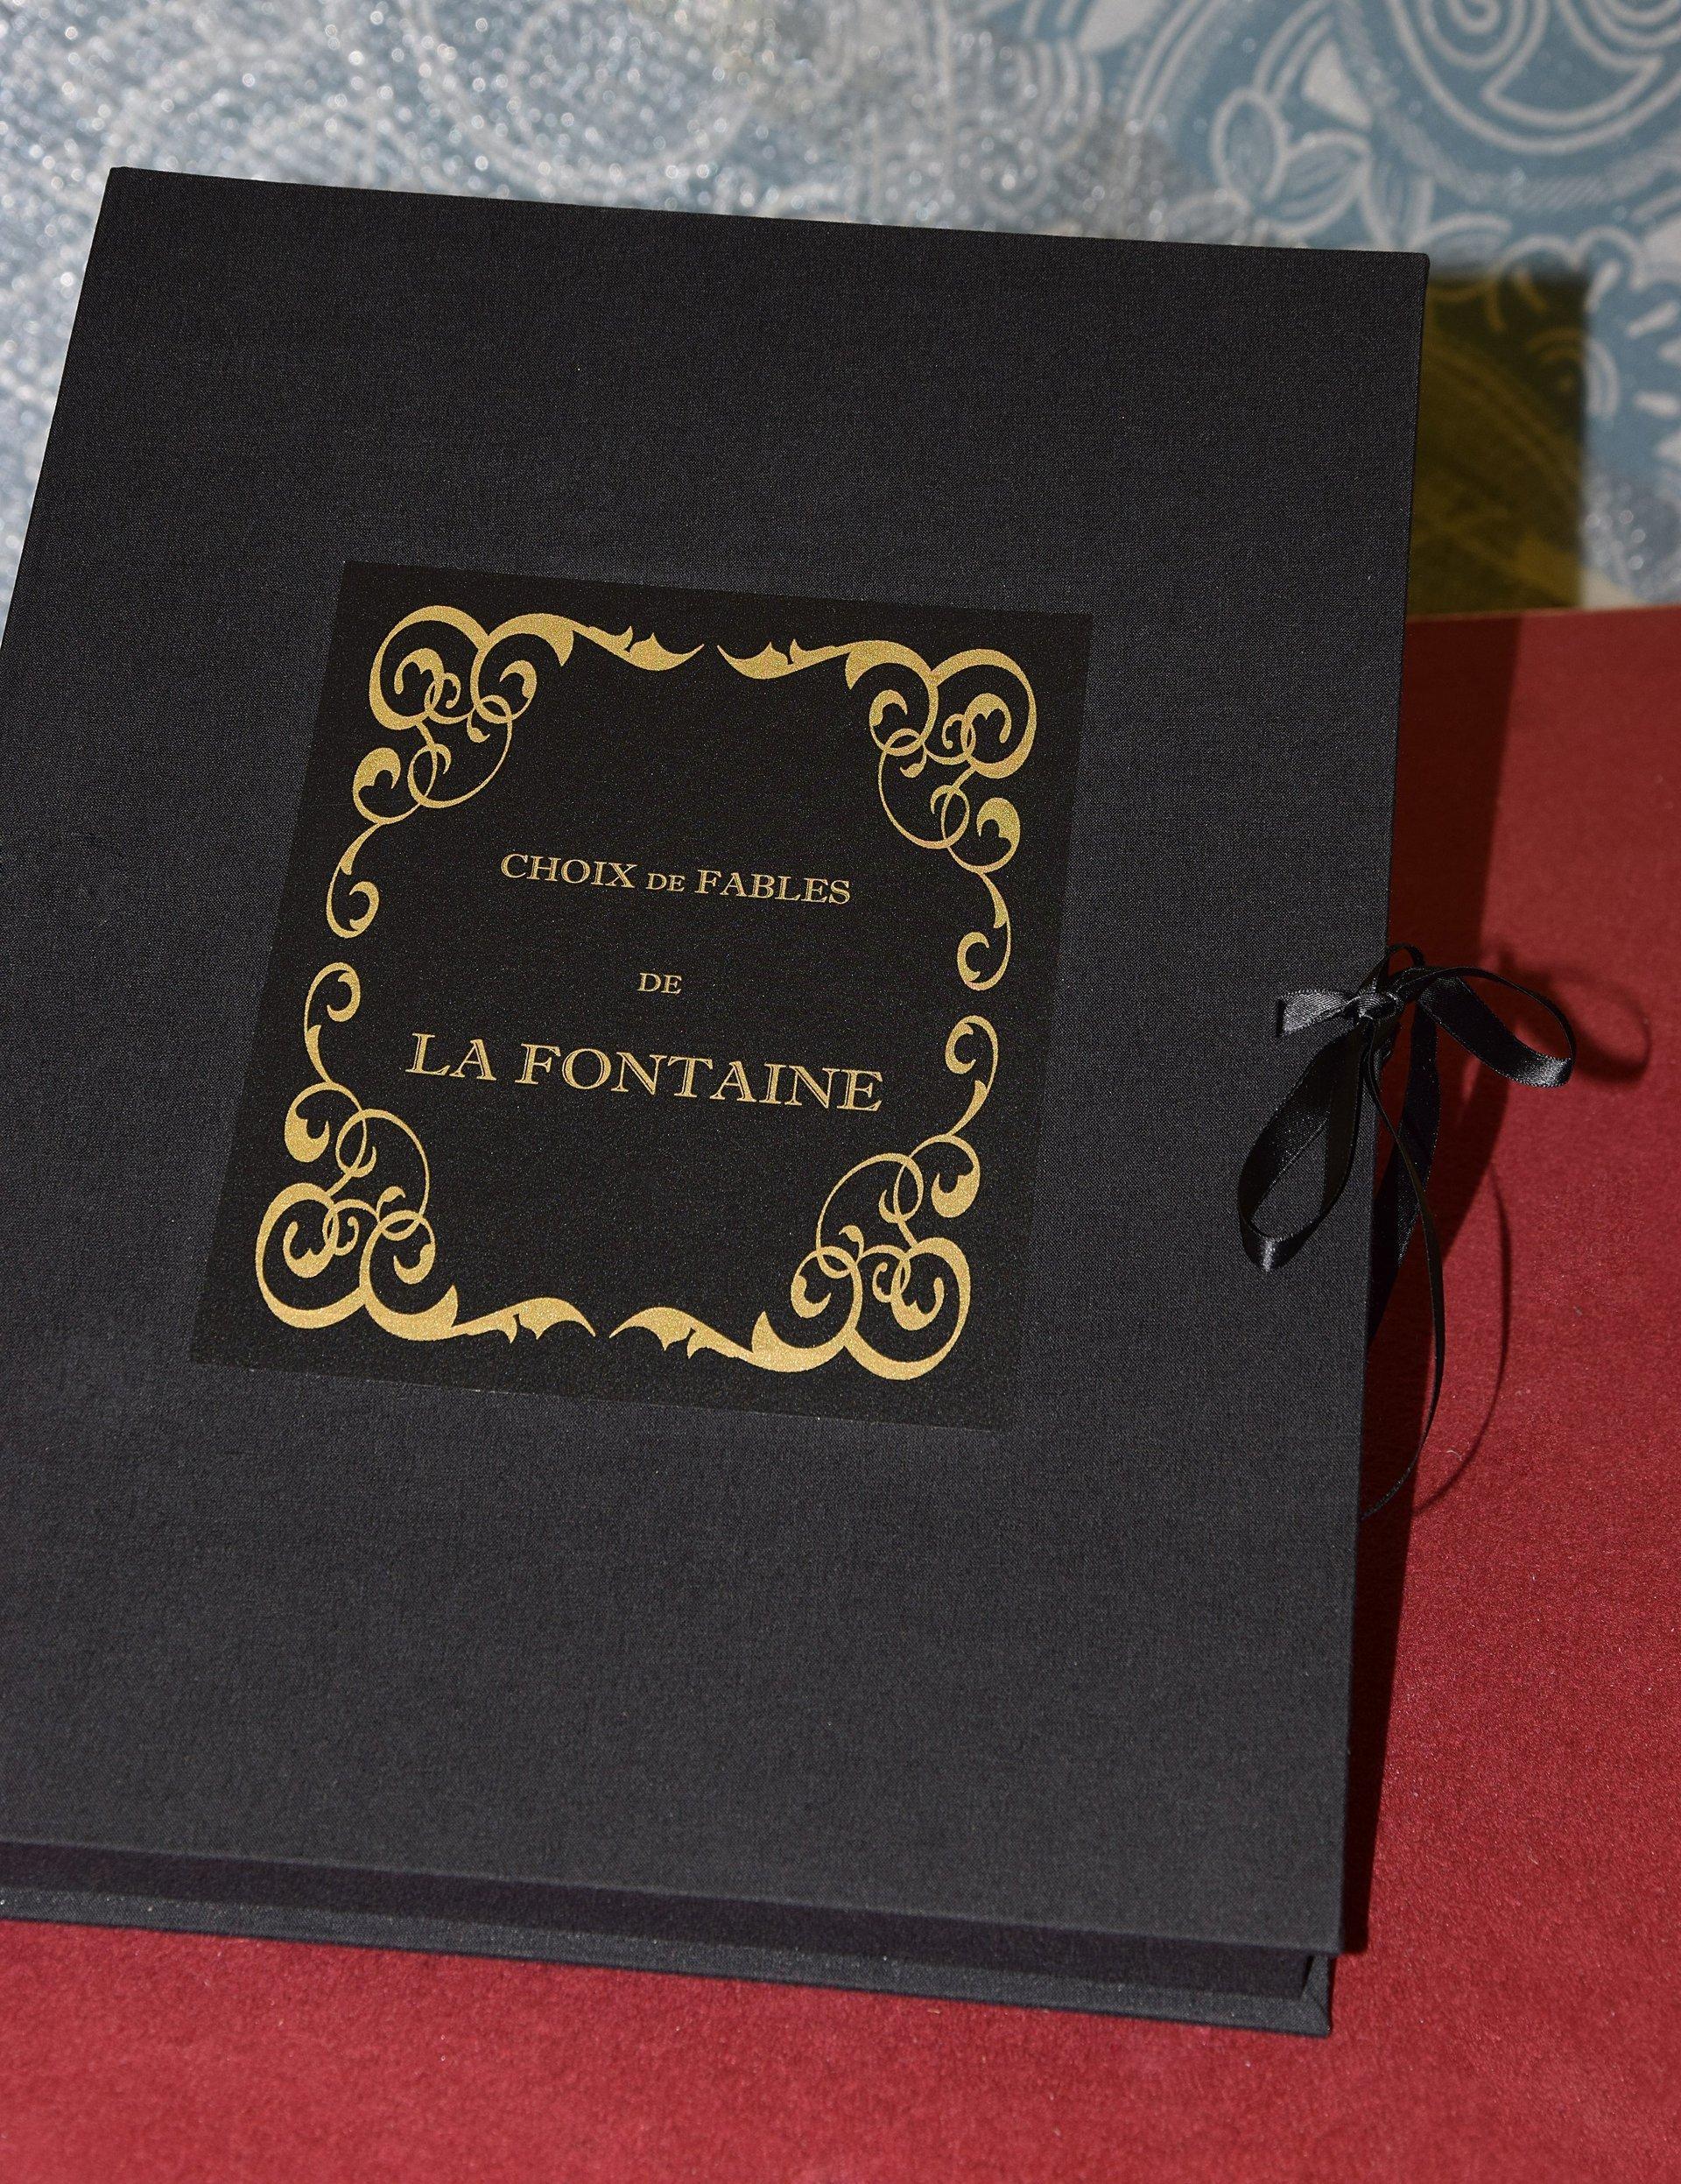 un libro nero con scritte in oro e con chiusura manuale con laccio in raso